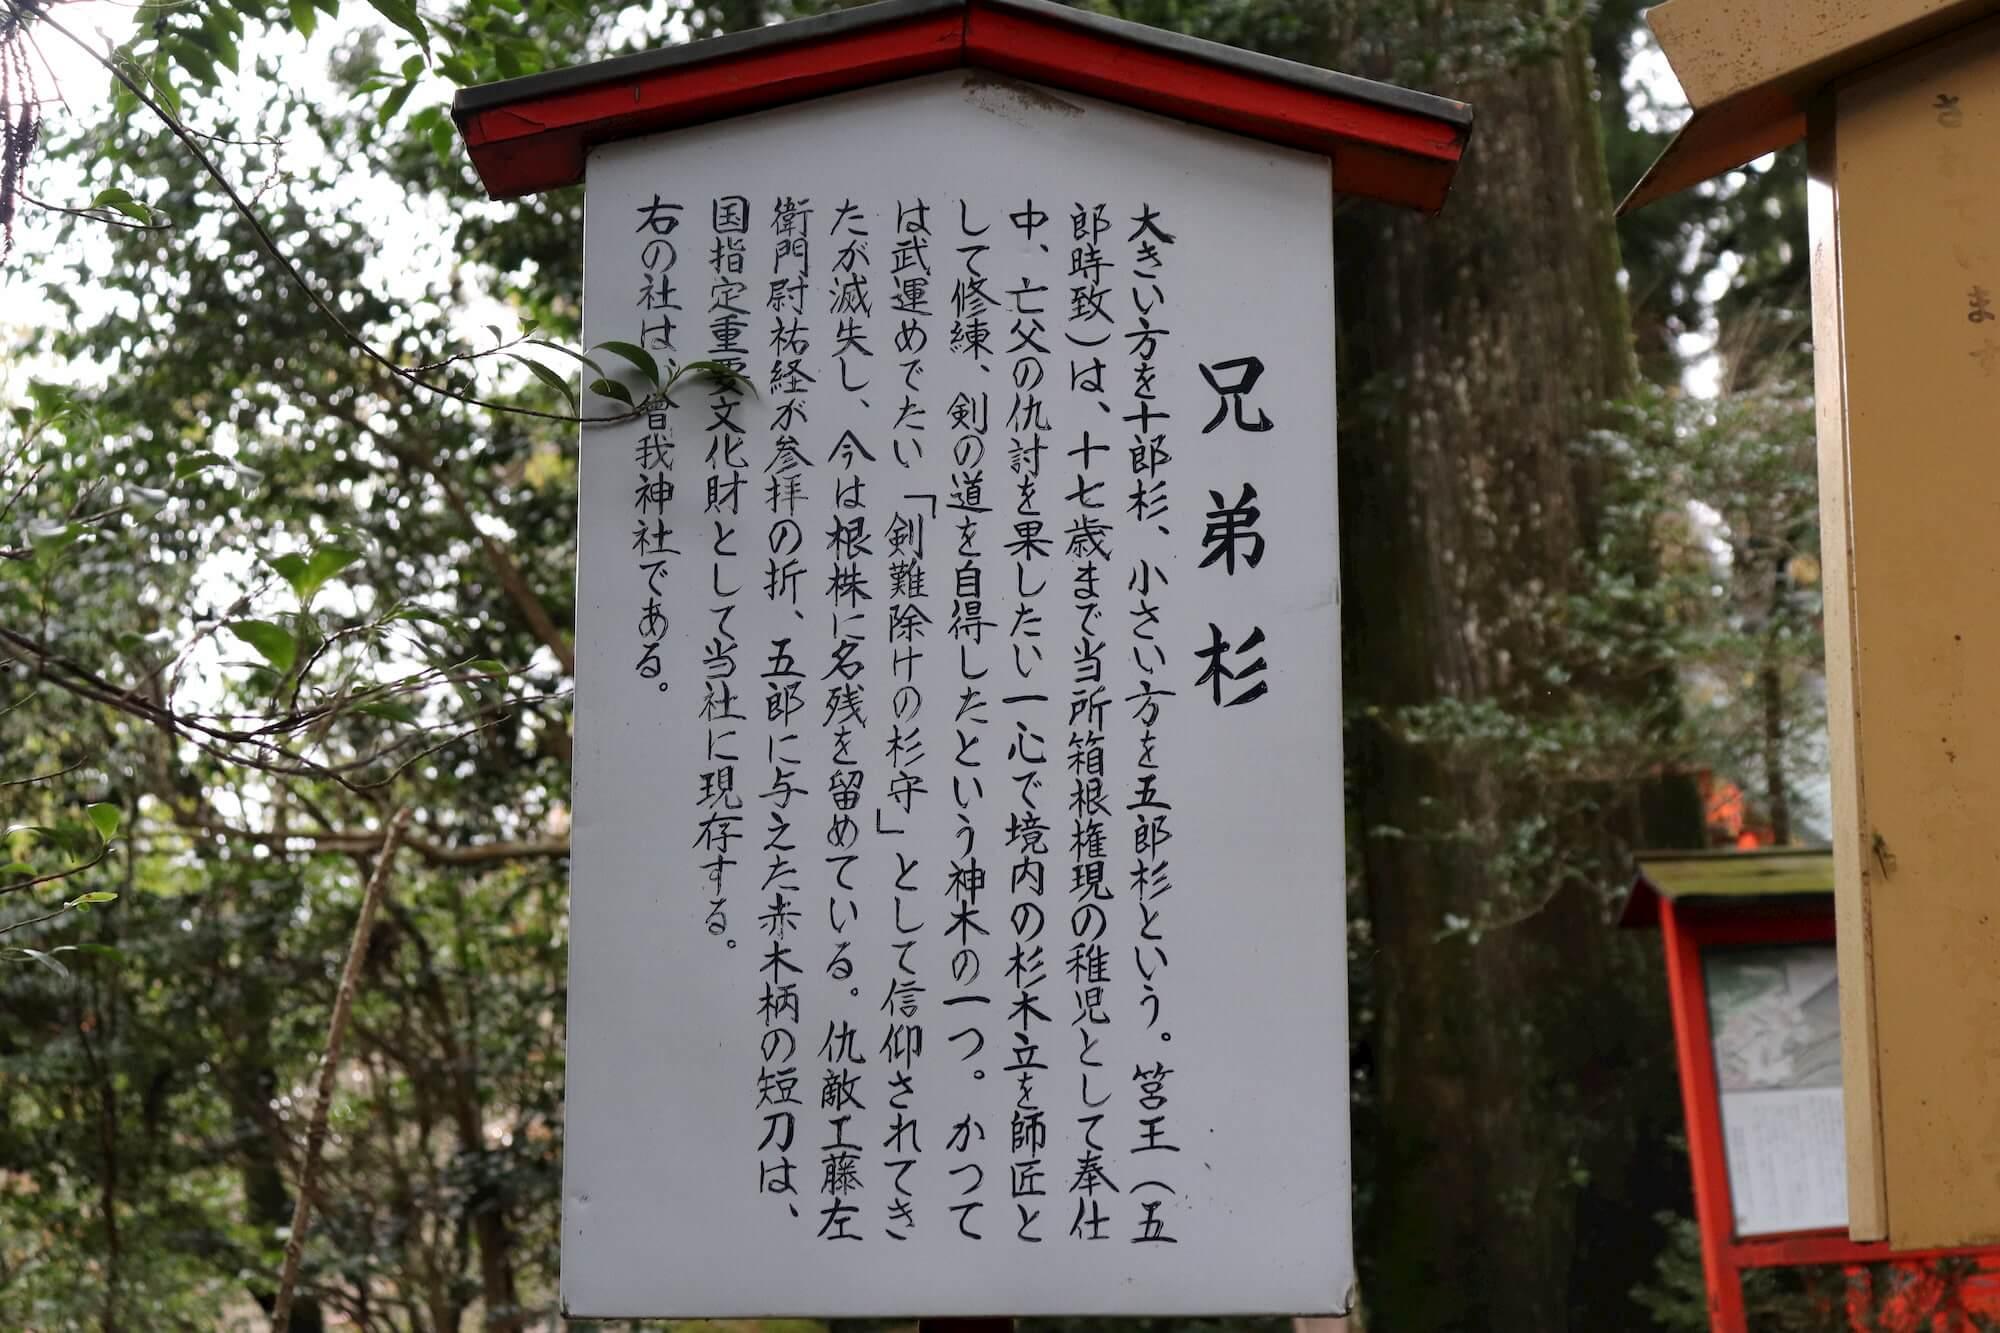 箱根神社の兄弟杉の解説